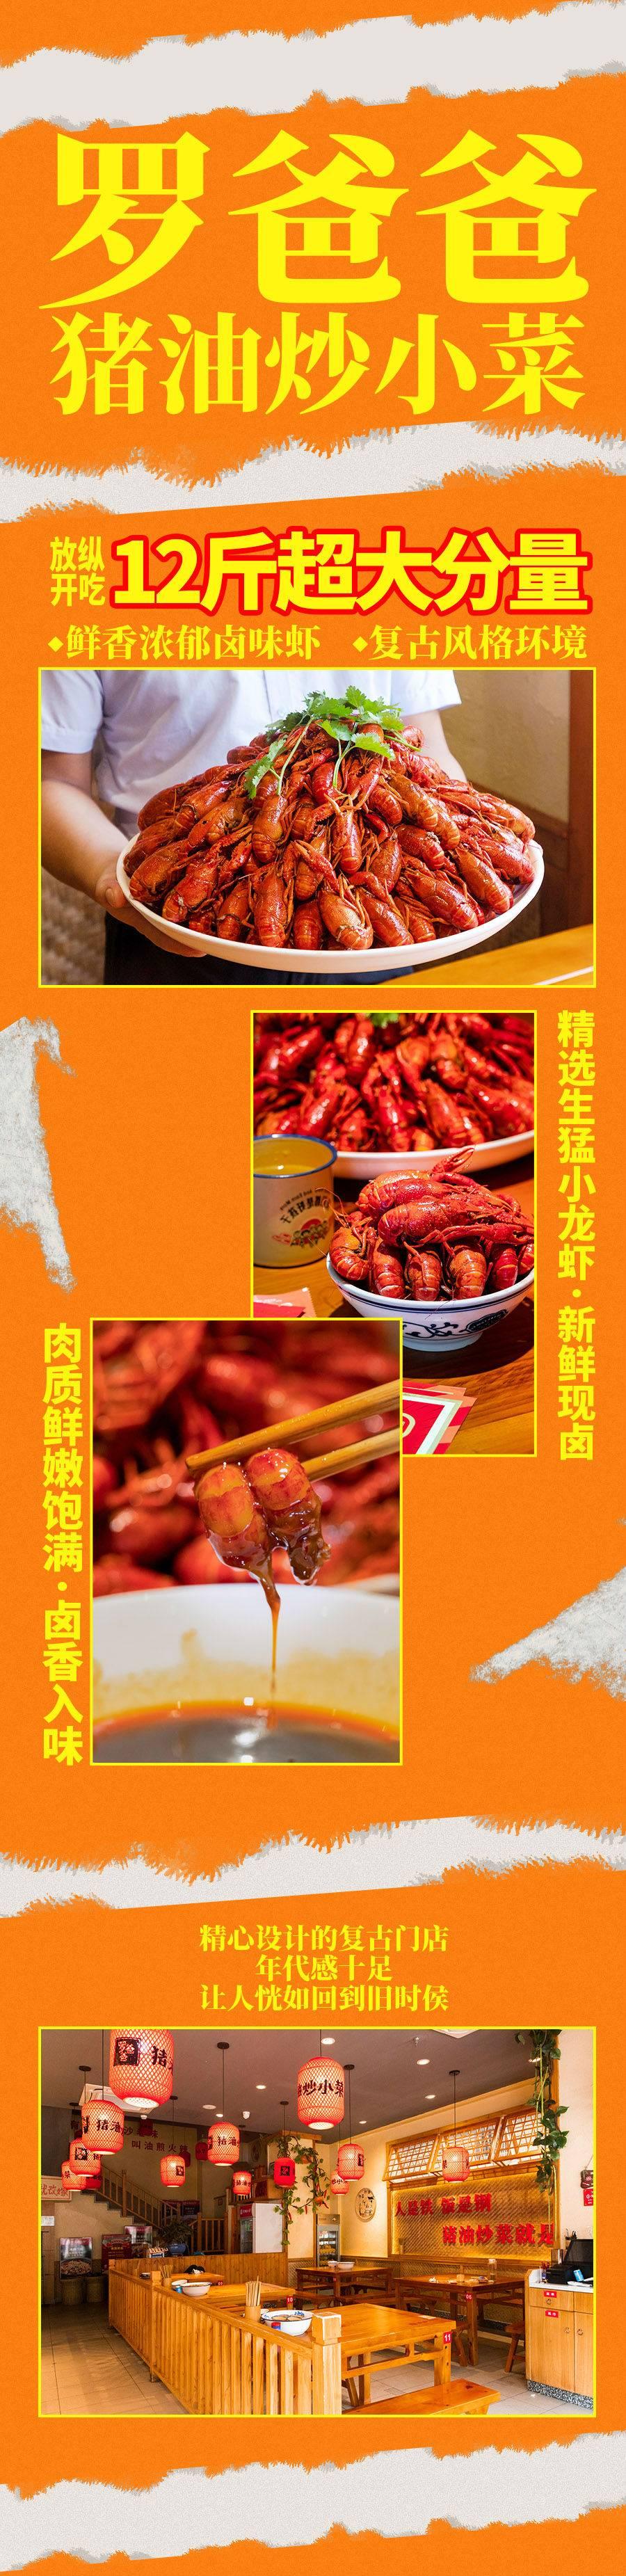 【南山·美食】228元抢888元罗爸爸猪油炒小菜『12斤小龙虾套餐』;超高性价比,尽情吃过瘾!